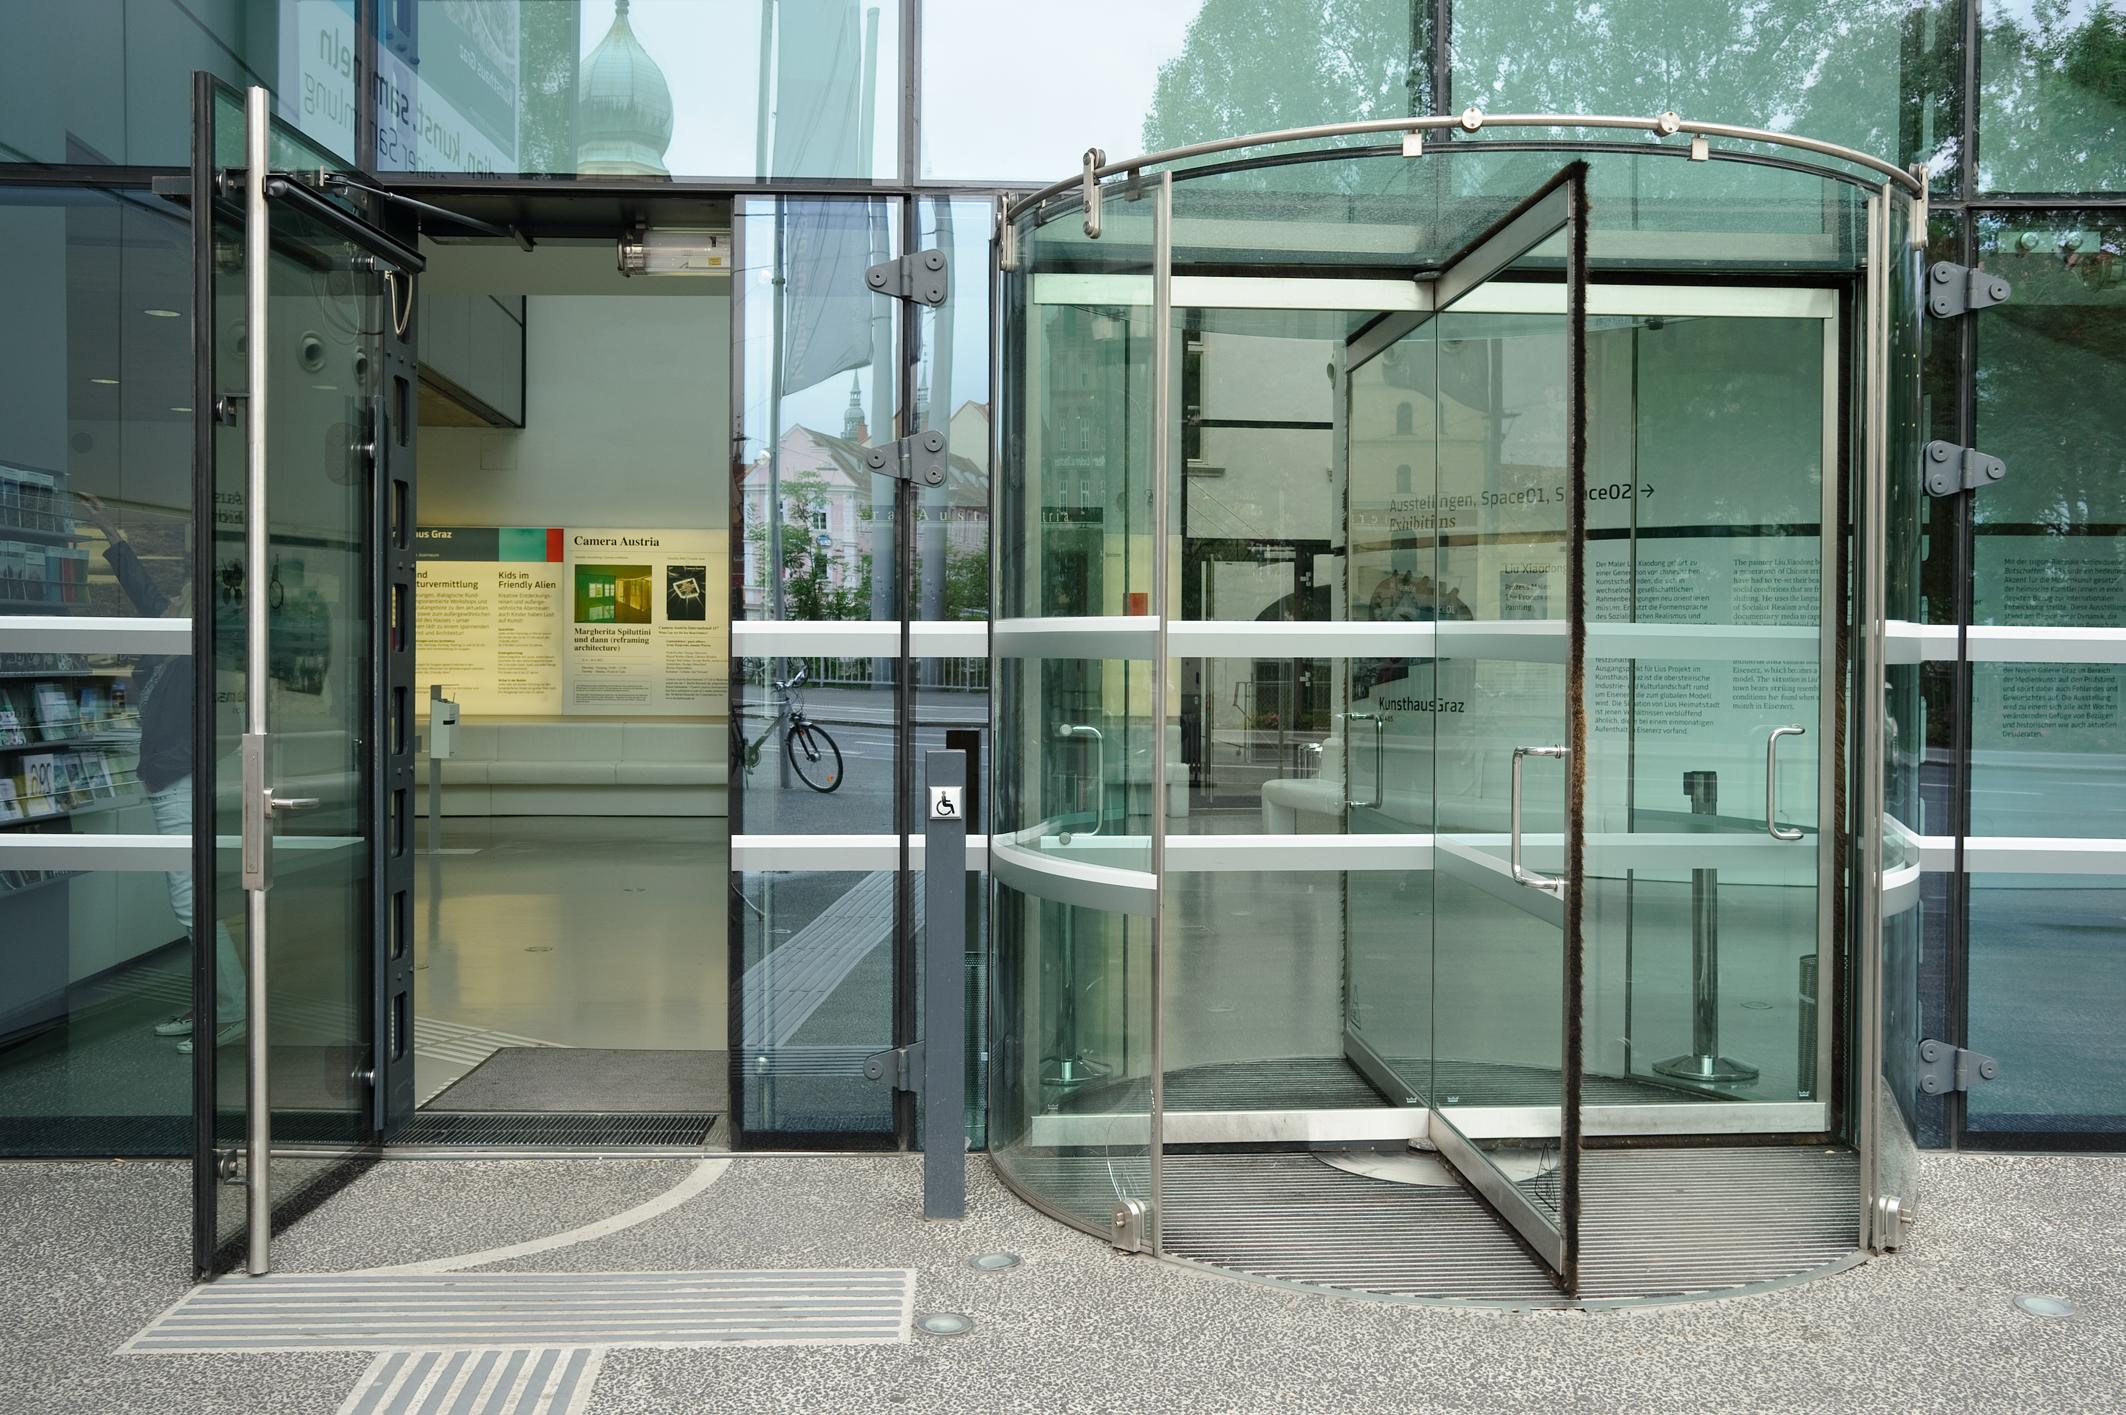 Blick auf den Eingang des Universalmuseums Joanneum in Graz, Österreich. Rechts befindet sich eine Drehtür aus Glas. links ein separater Eingang für Menschen mit Rollstuhl. Ein Knopf zum automatischen Türöffnen ist sichtbar. Auf dem Boden befinden sich taktile Blindenleitsysteme.